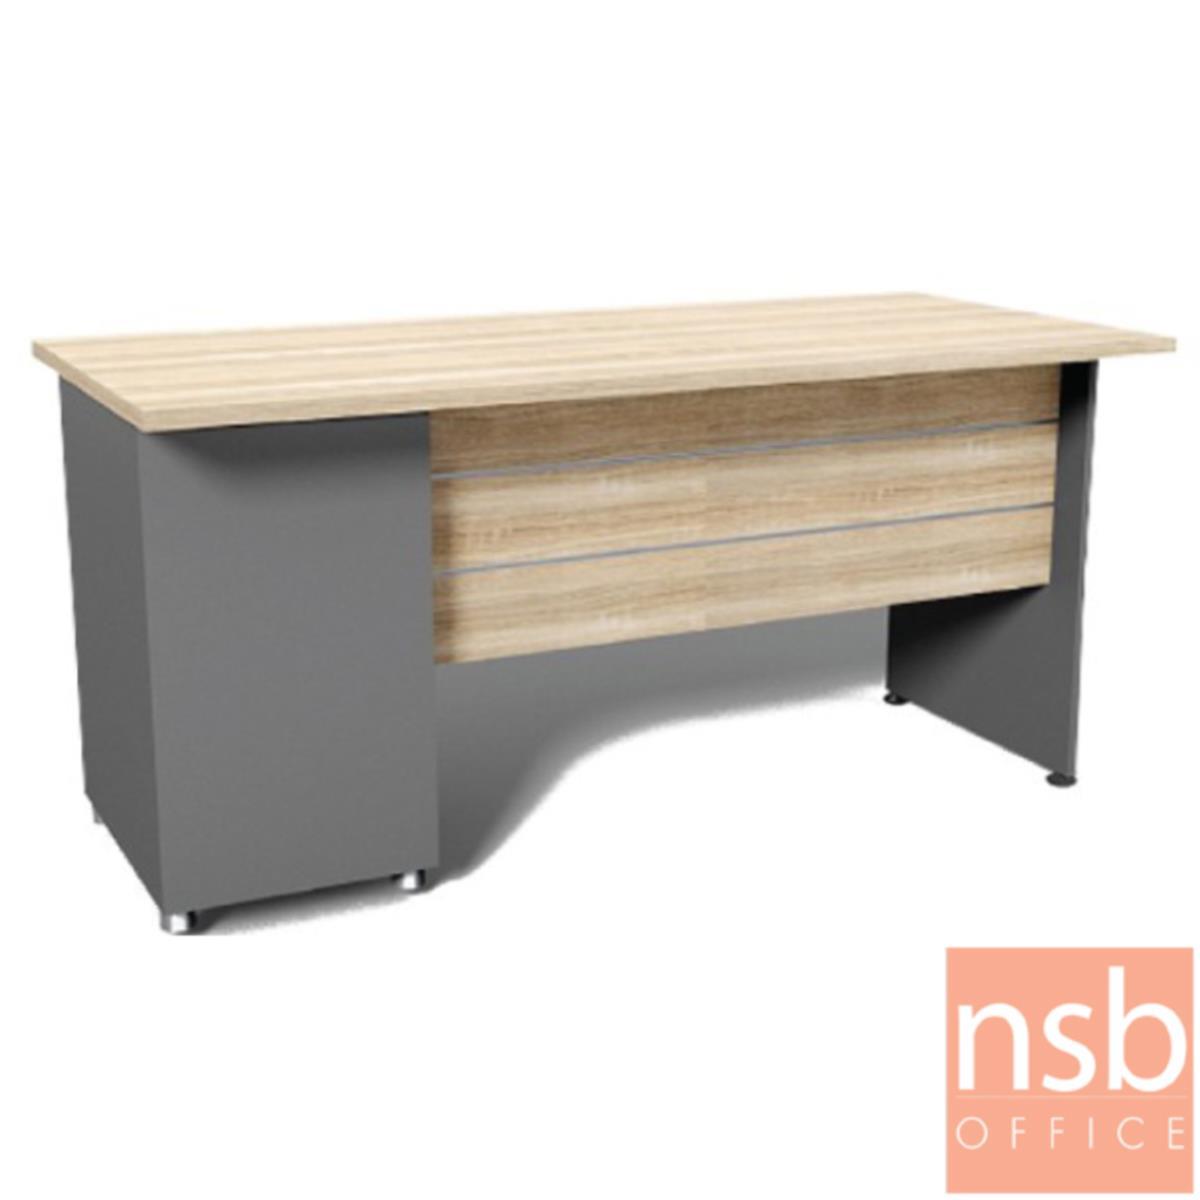 โต๊ะทำงาน 2 ลิ้นชัก 1 ช่องโล่ง  รุ่น DKK-1602  ขนาด 160W cm. สีแกรนโอ๊คตัดกราไฟท์